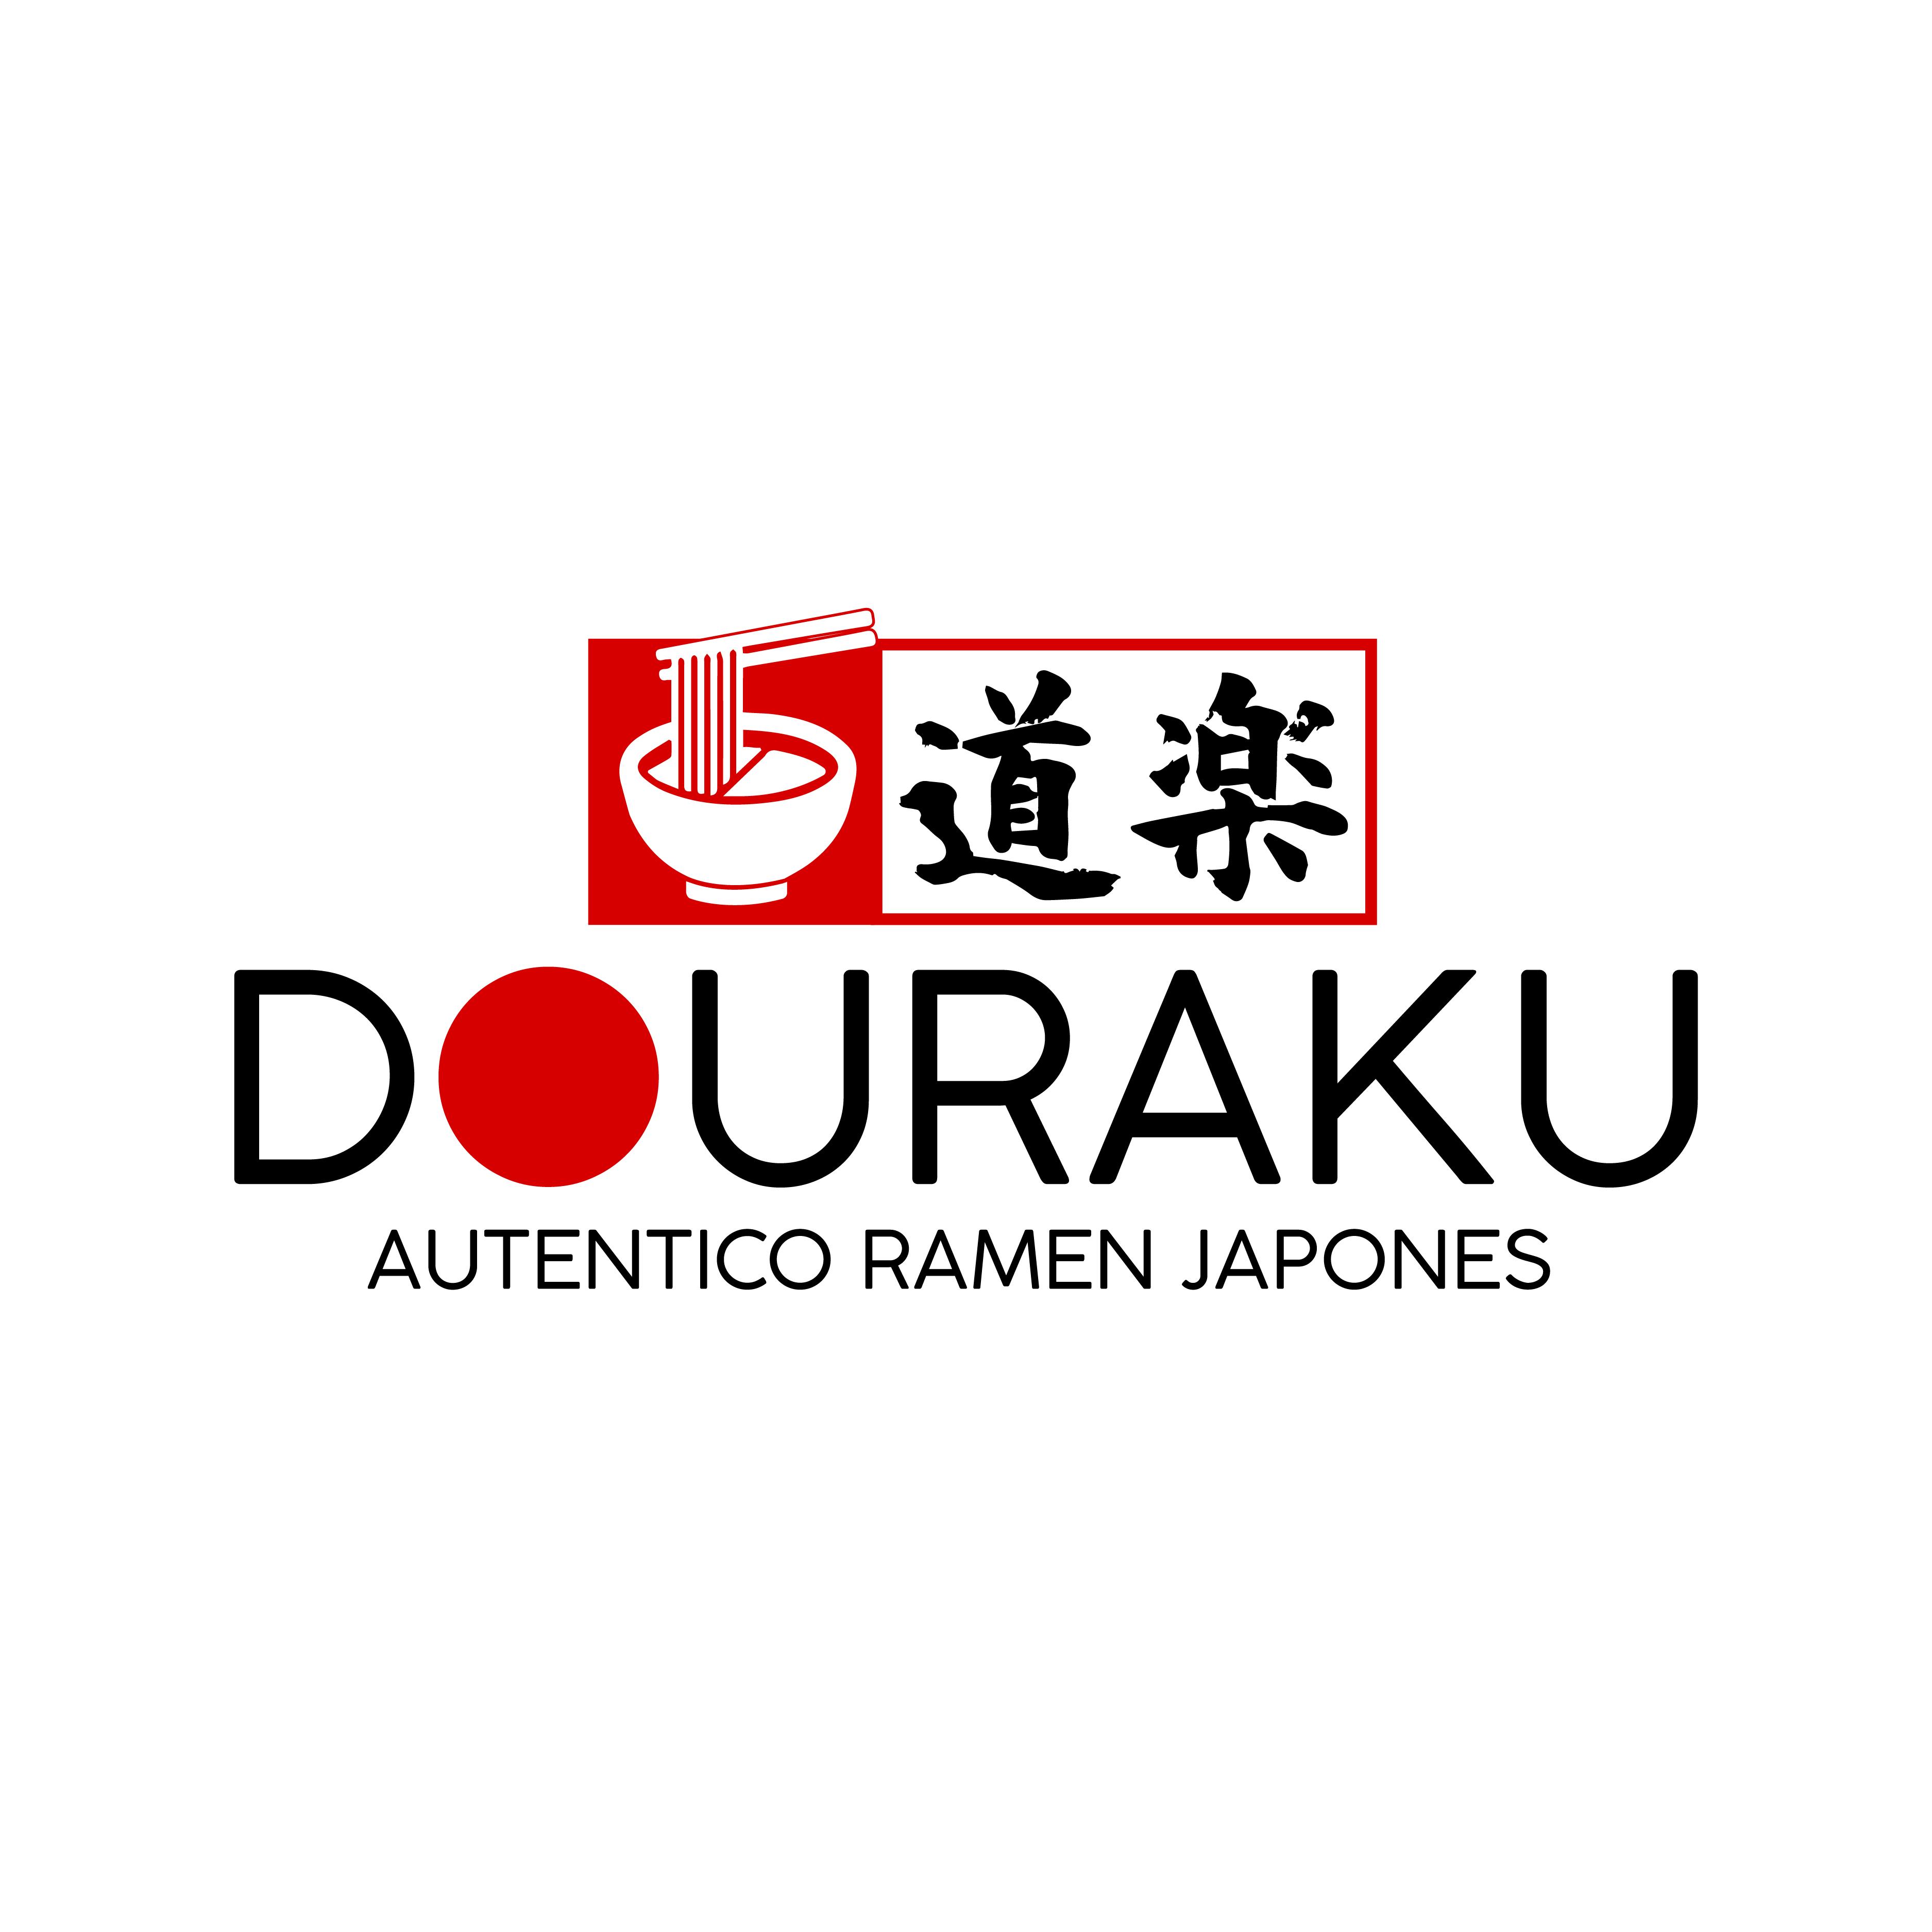 Douraku